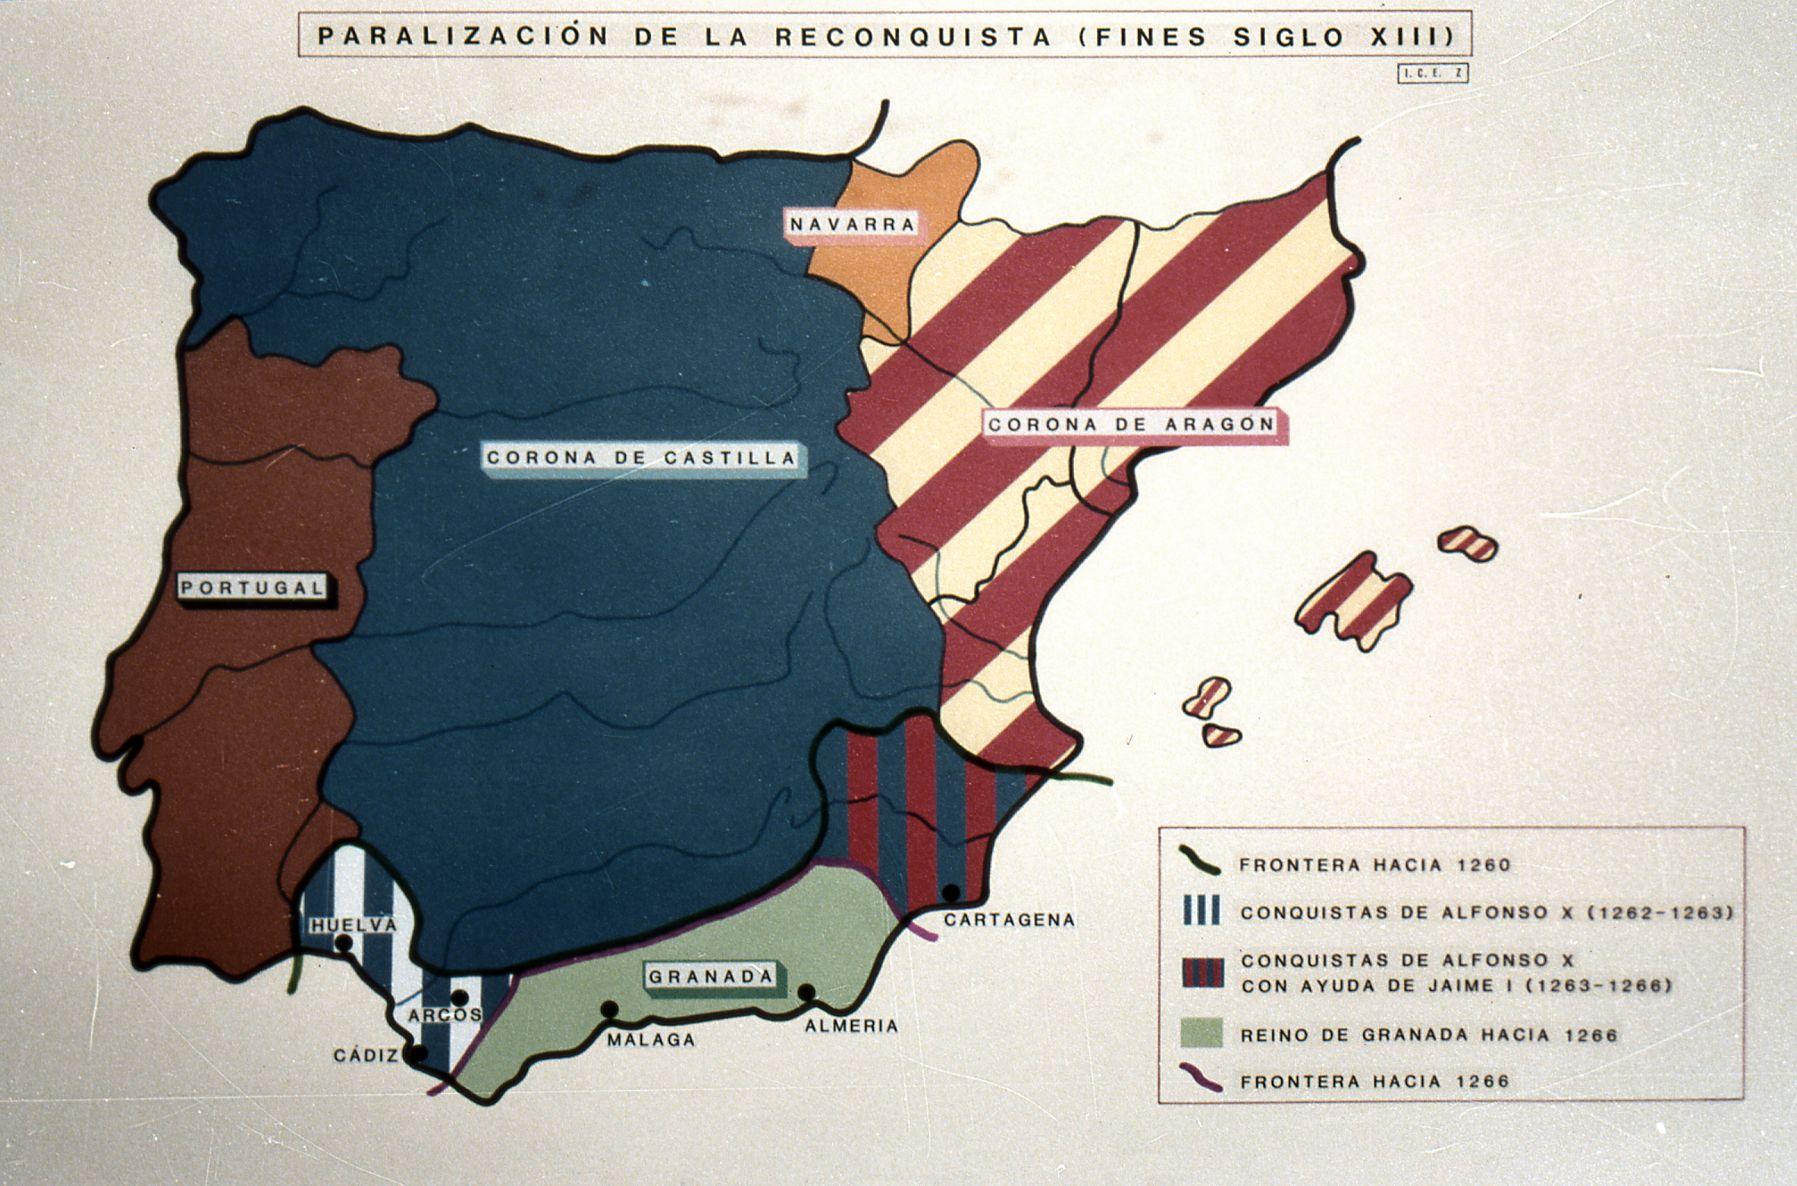 Mapa Político De La Península Ibérica En El Siglo Xiii 2 Corona De Aragon Almería Cádiz